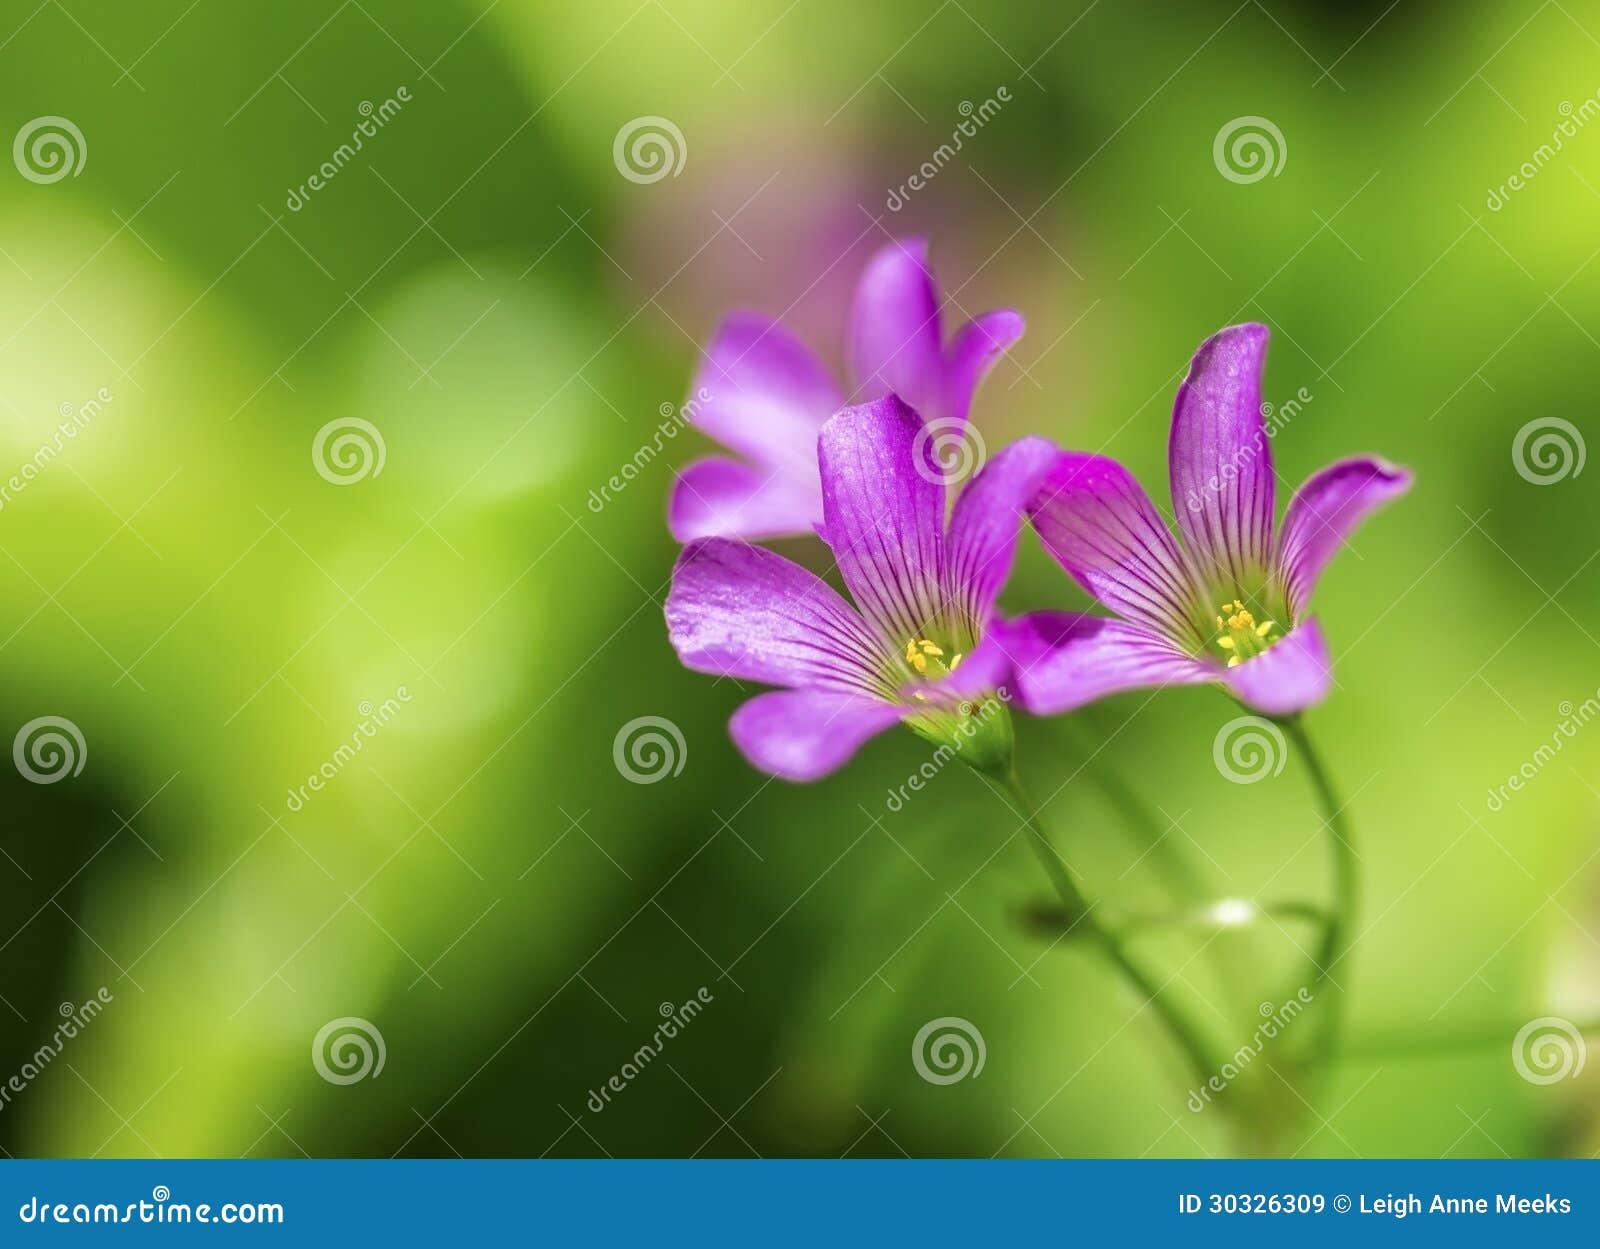 精美紫色野花